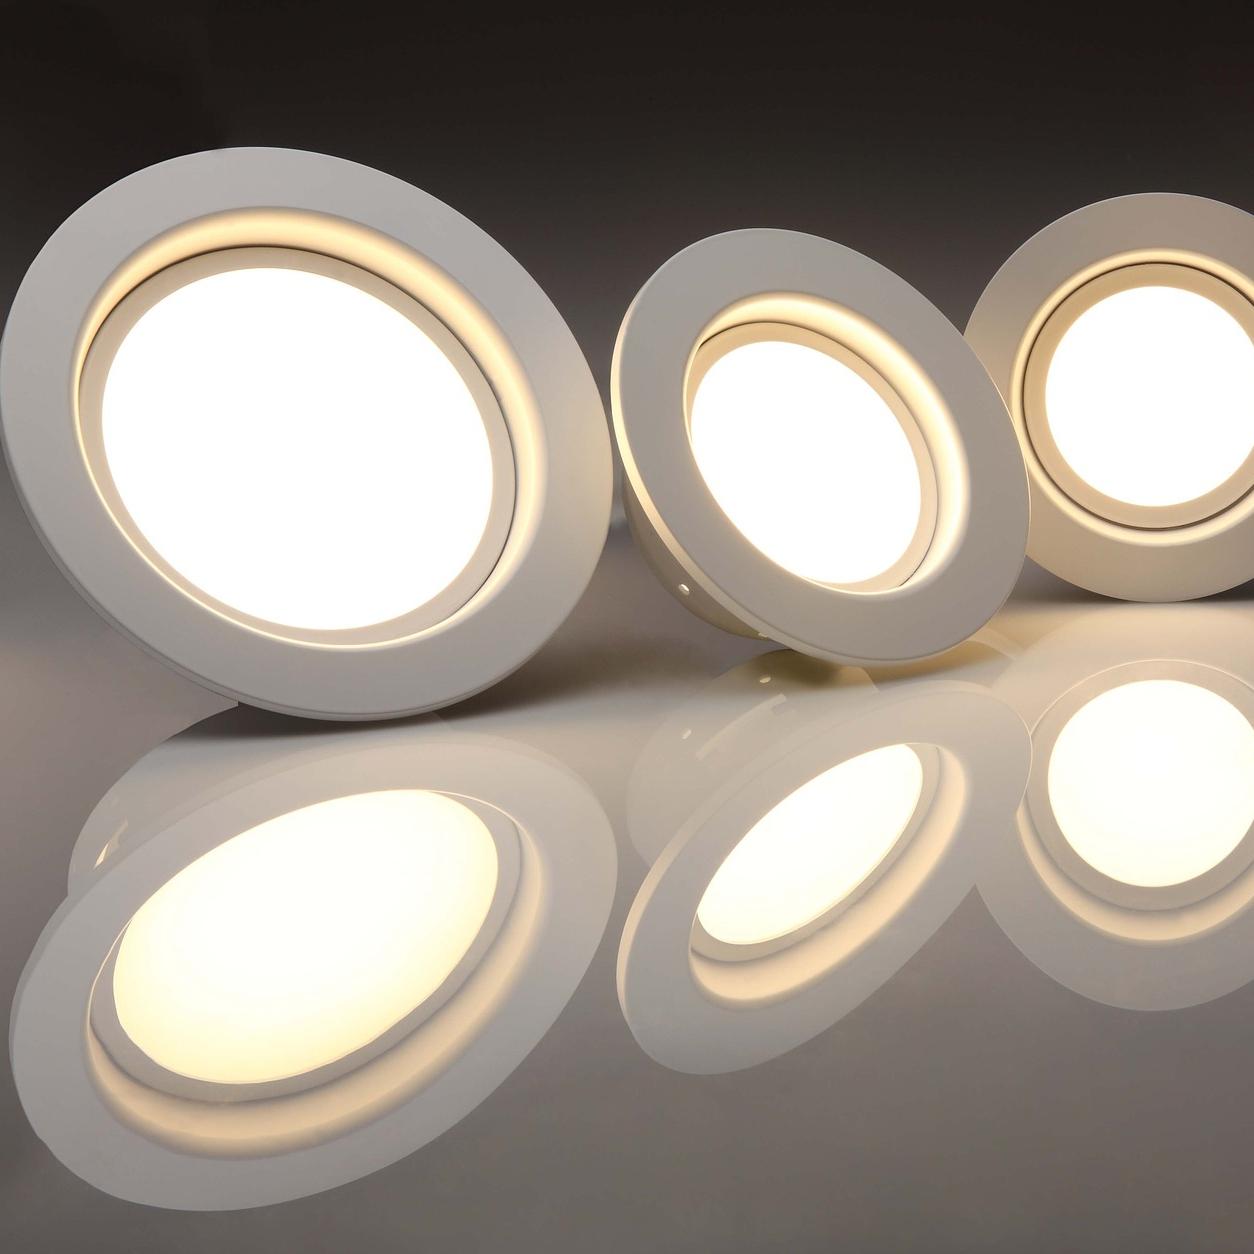 LEDlighting.jpg